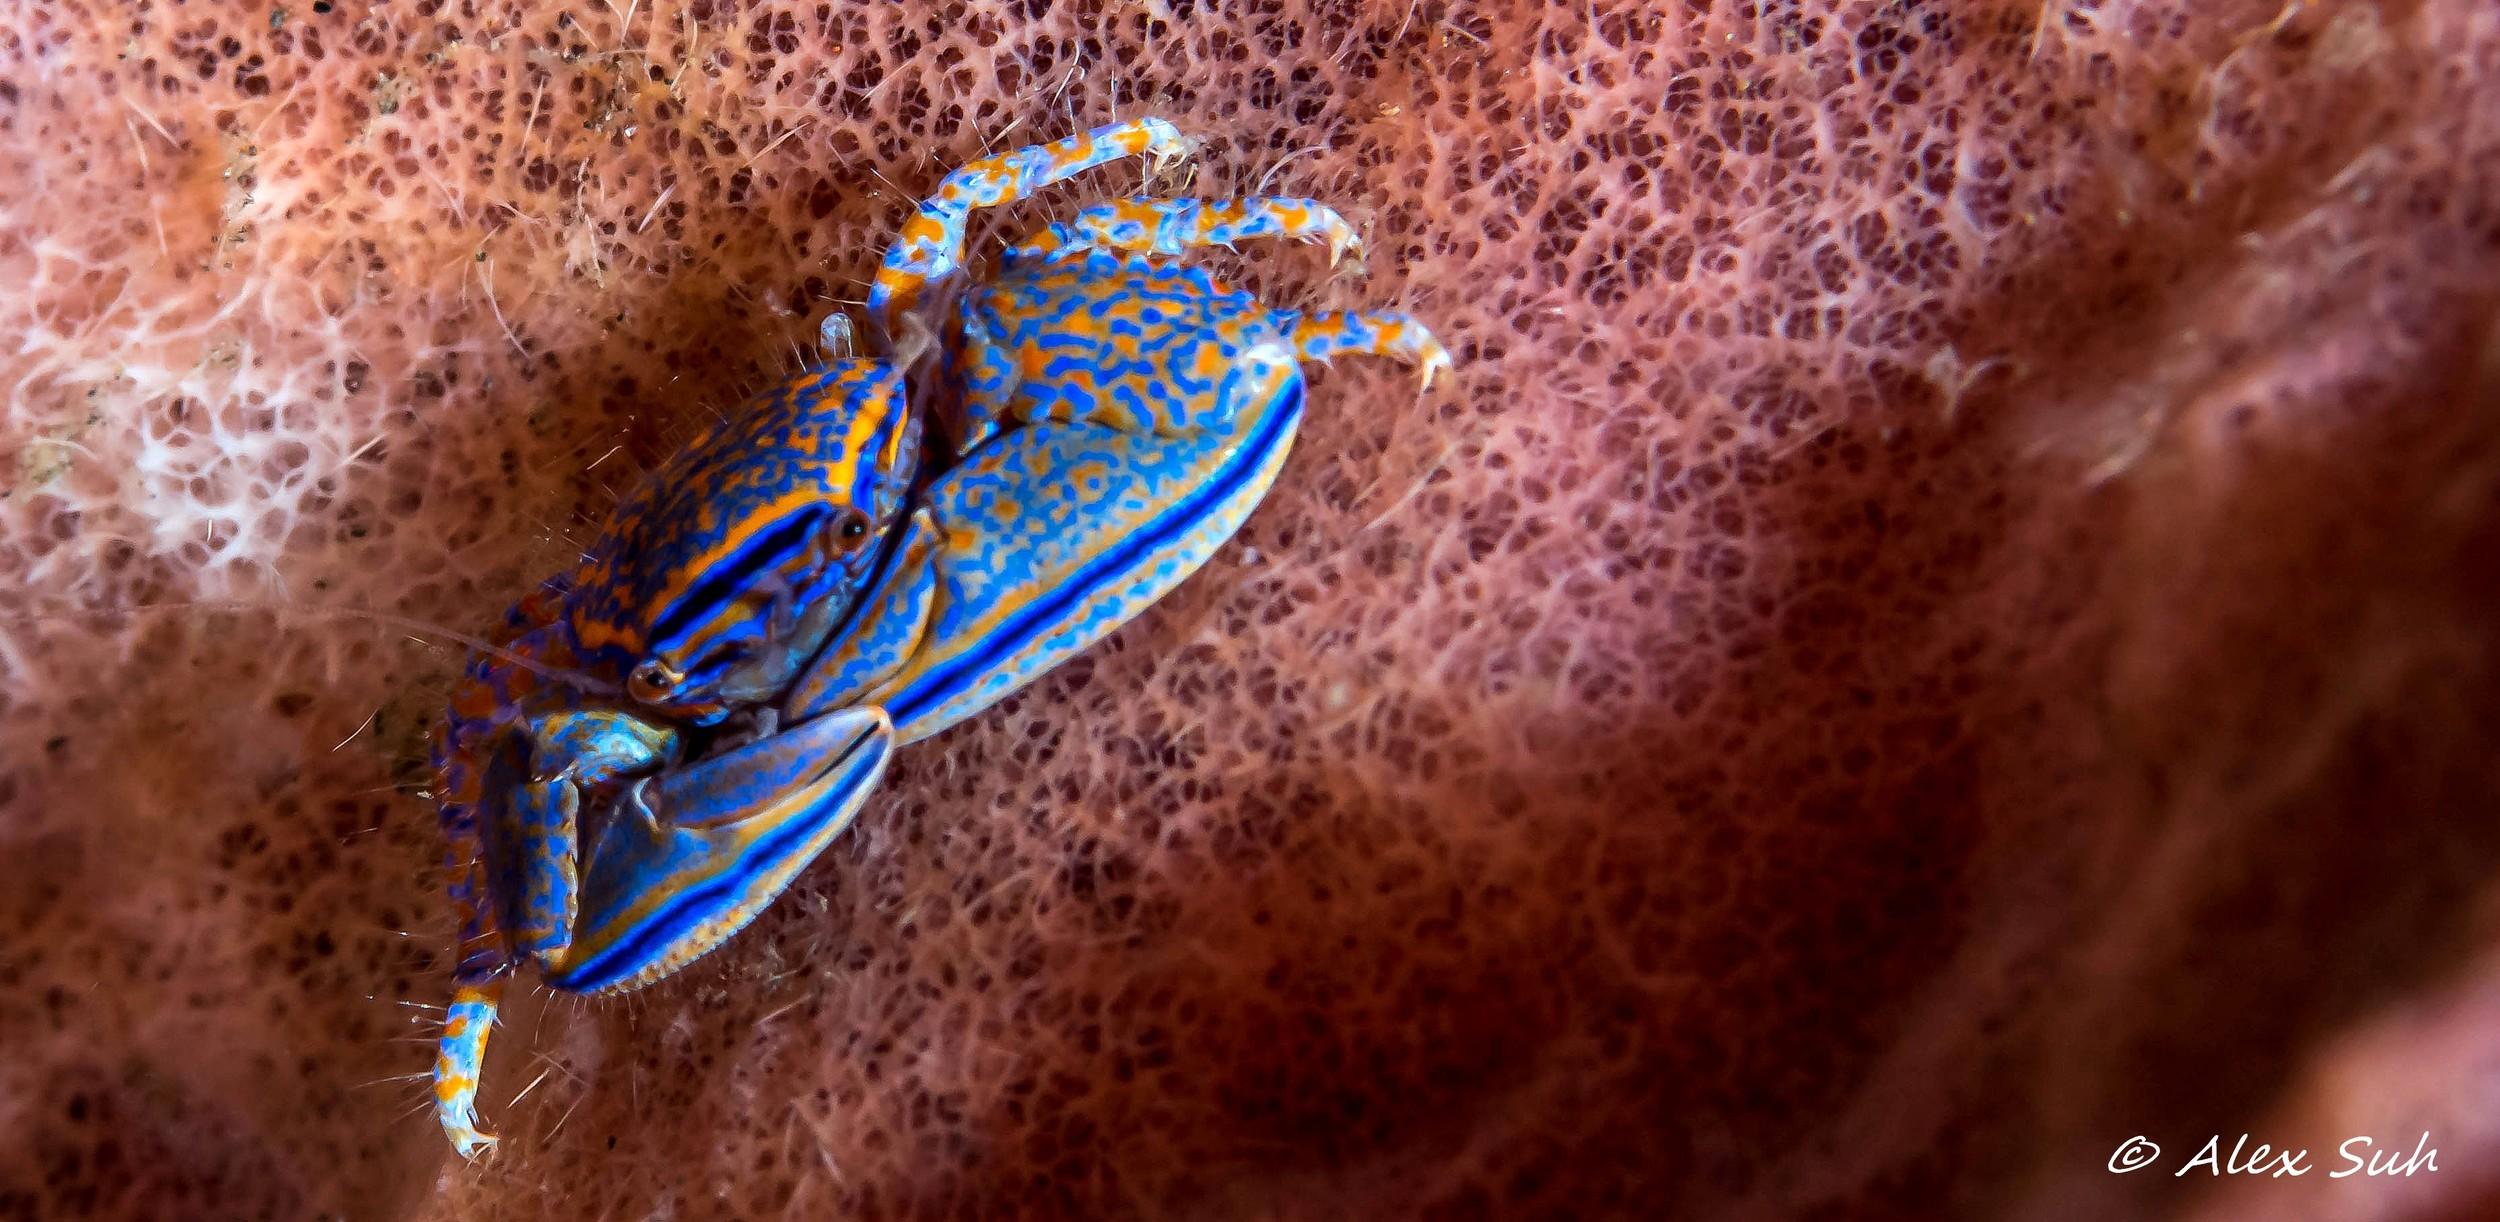 Blue Porcelin Crab.jpg